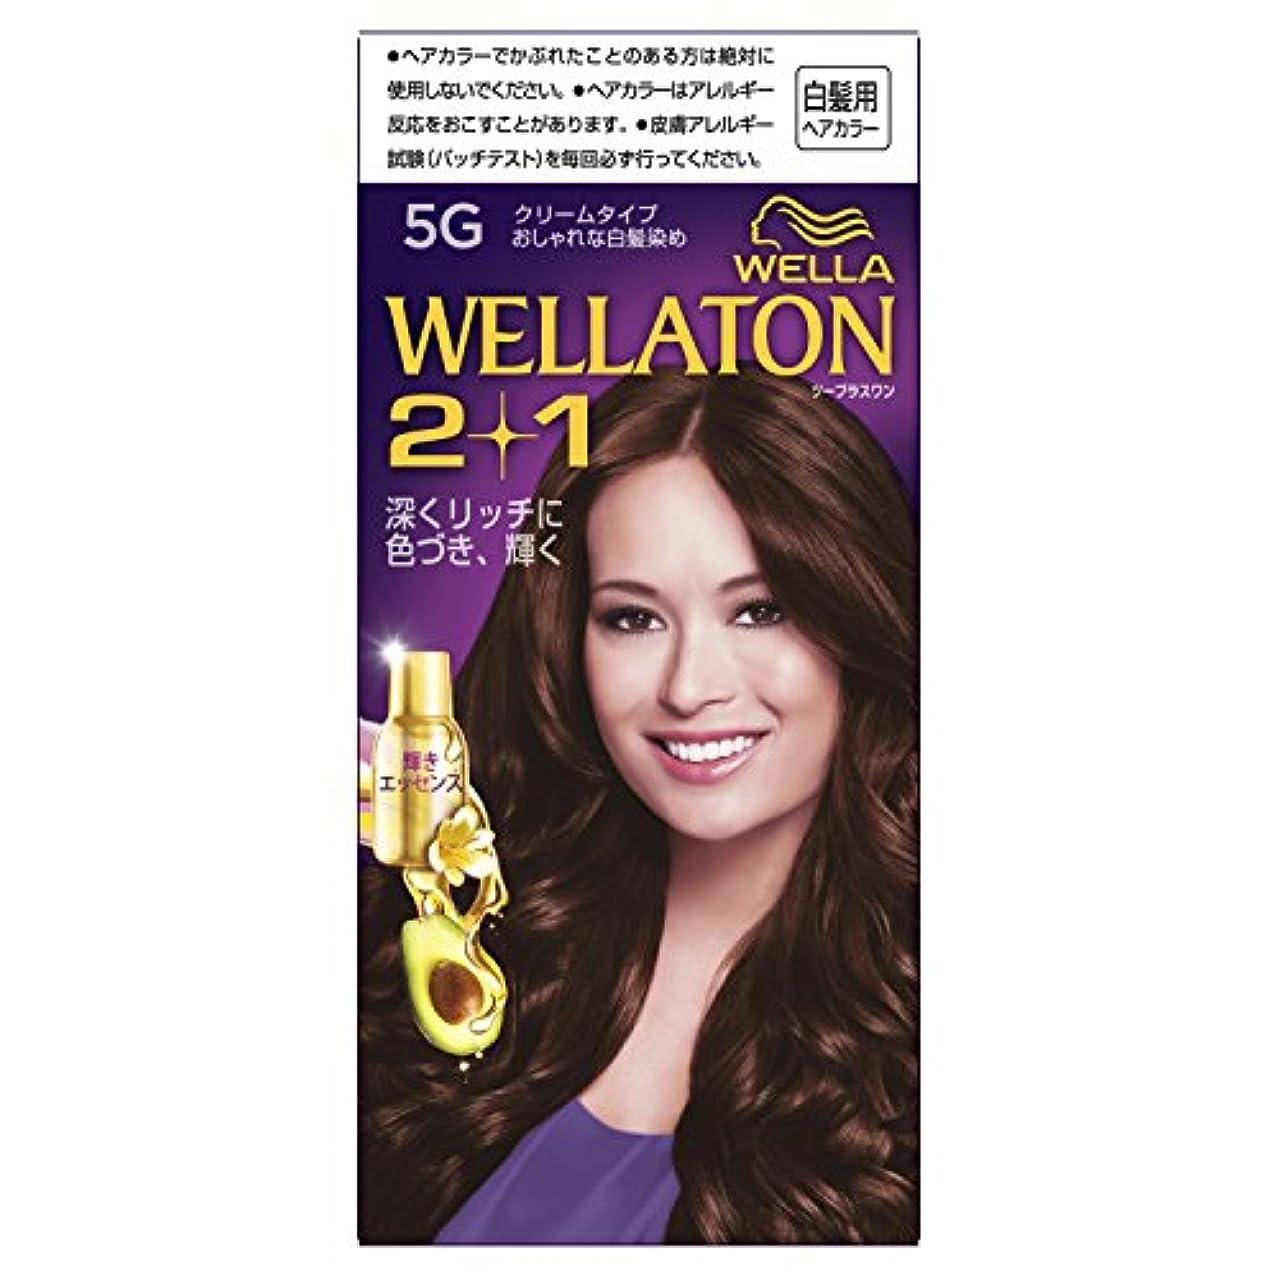 ウエラトーン2+1 クリームタイプ 5G [医薬部外品](おしゃれな白髪染め)